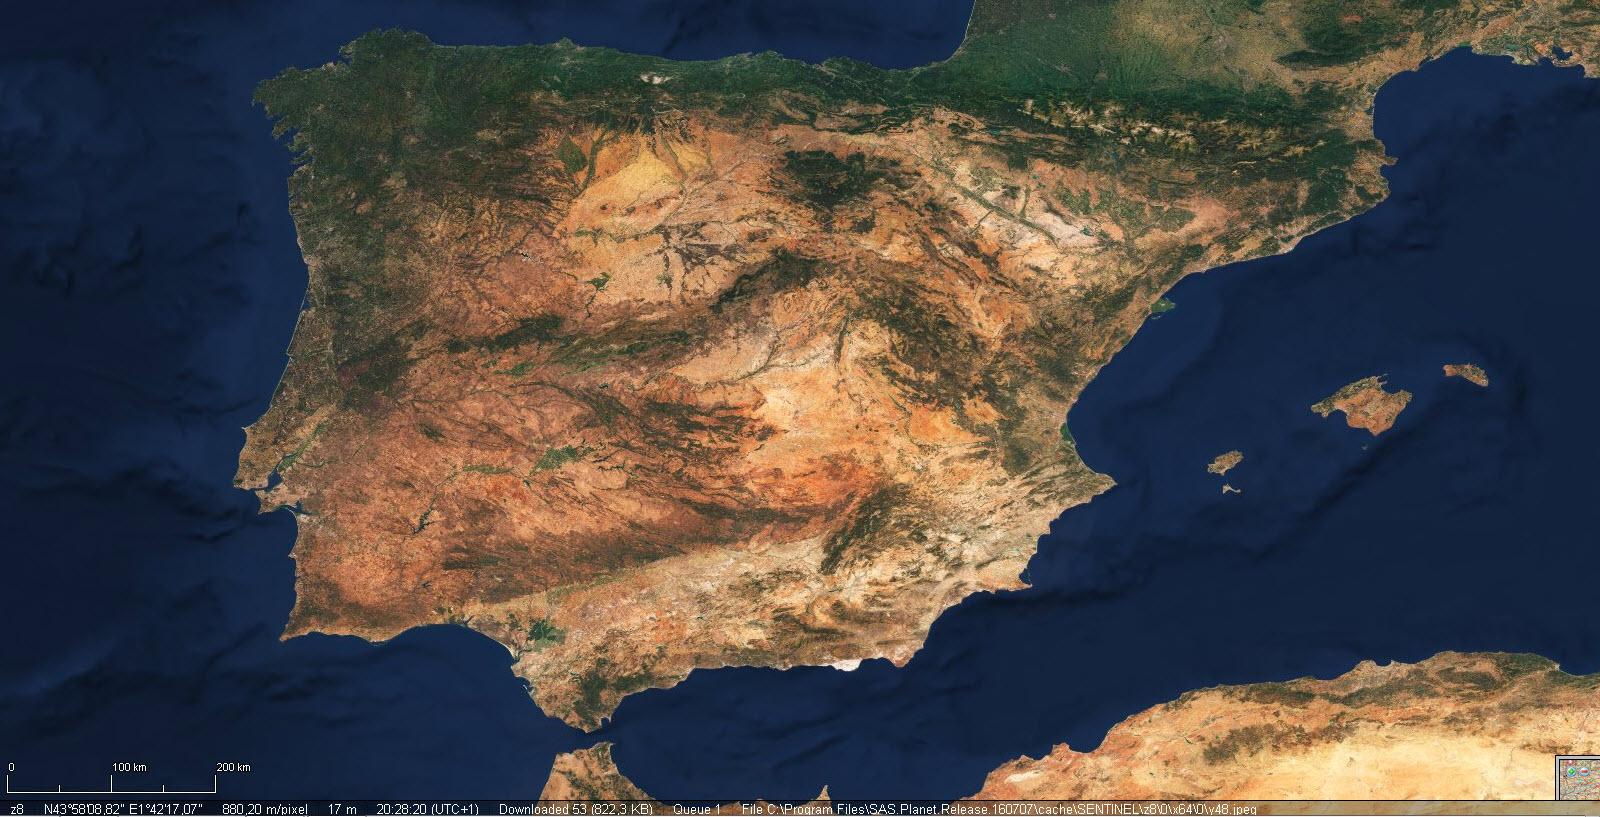 Mapa Satelital De España.Cartografia Digital Sasplanet Revision Enero 2019